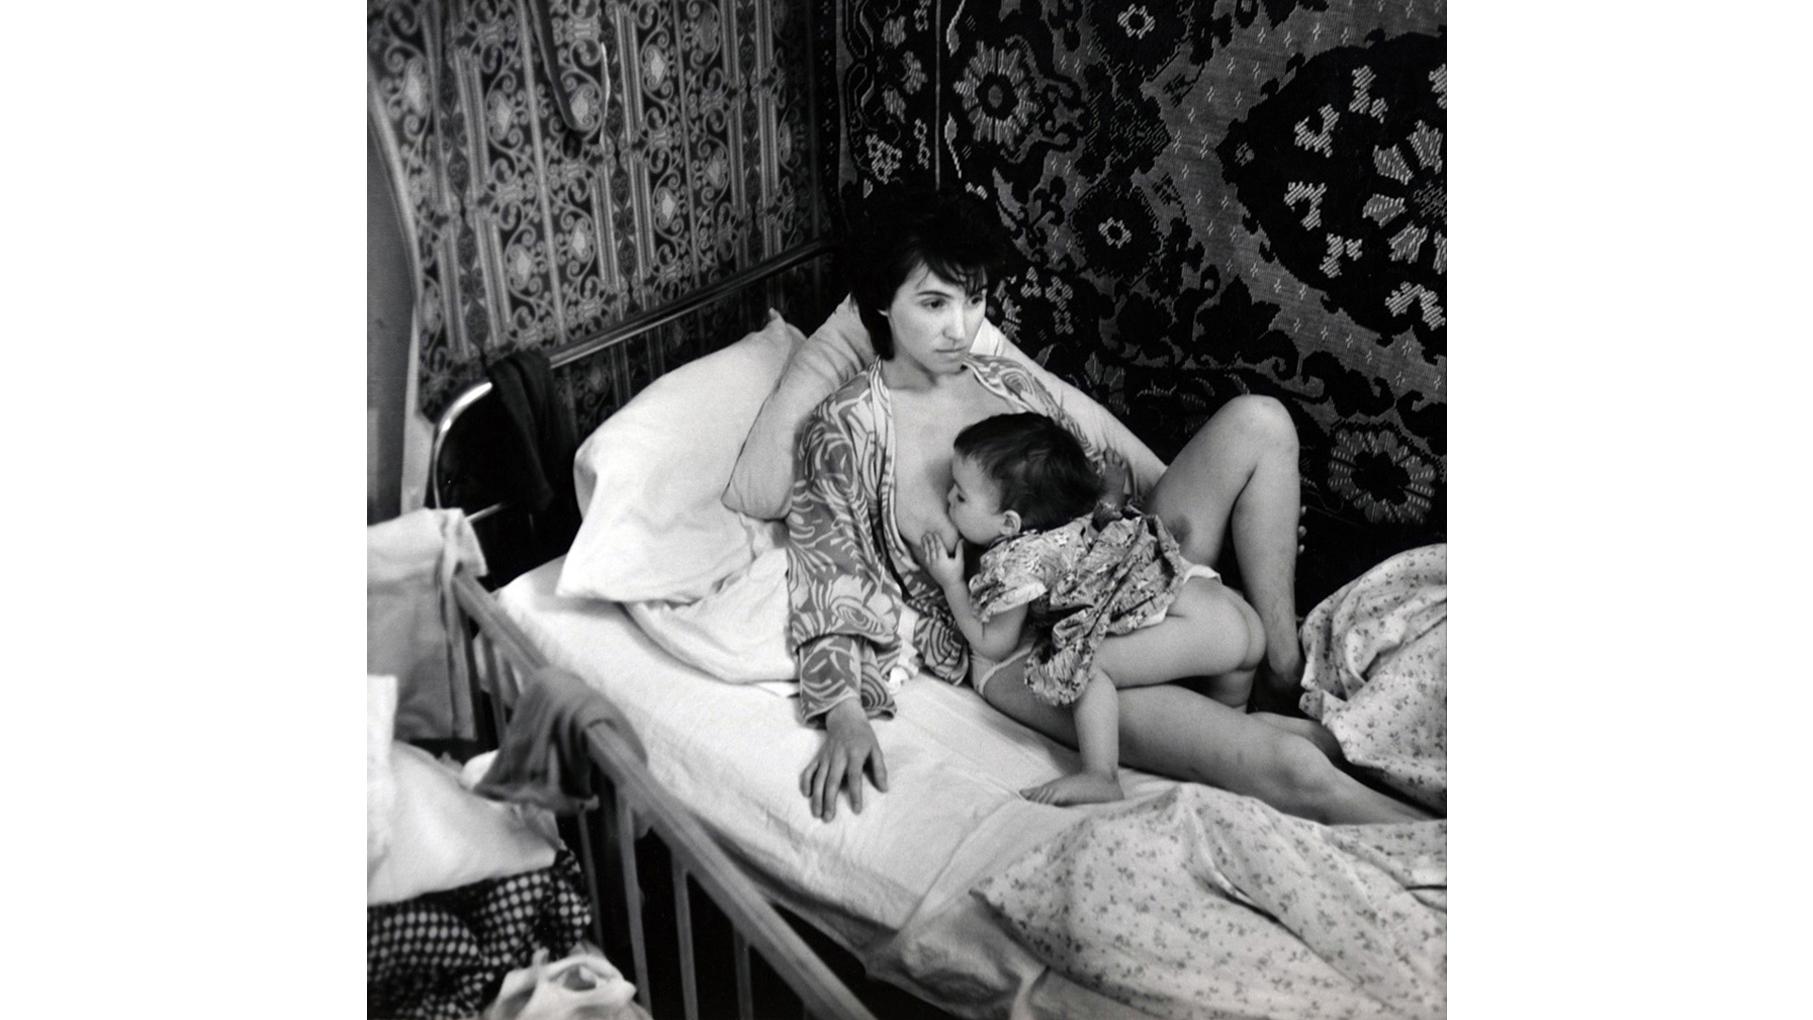 Nikolay Bakharev, Story #1, 1988-1989